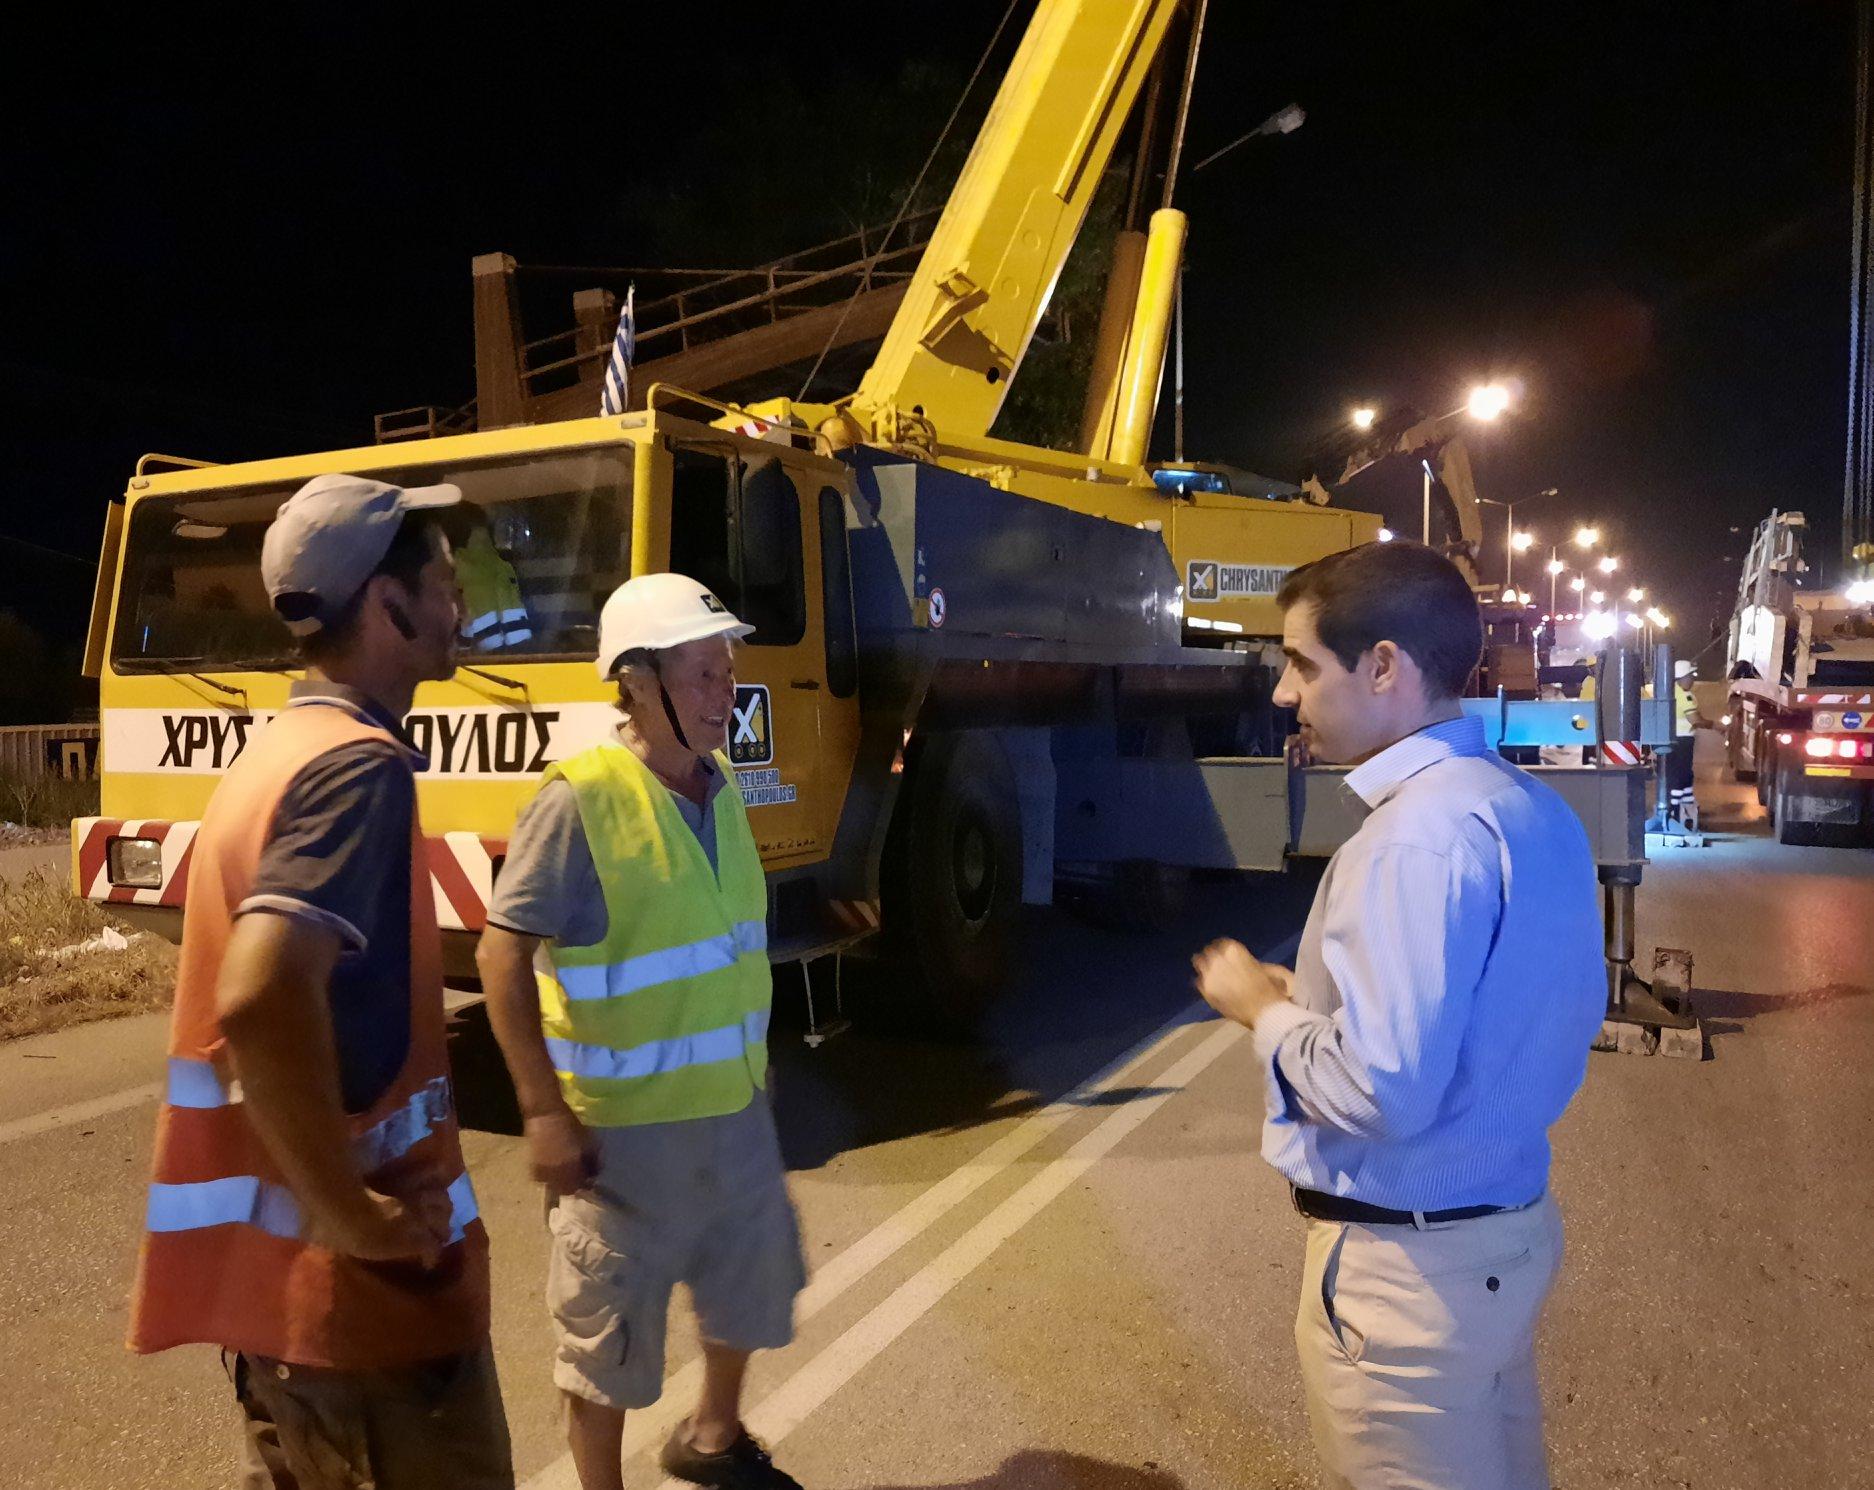 ΠΕ Ηλείας: Ολοκληρώθηκε η αποξήλωση της επικίνδυνης πεζογέφυρας στον ΟΑΕΔ στον Πύργο- Βασίλης Γιαννόπουλος: «Επιβεβλημένη η αποξήλωση λόγω της επικινδυνότητας» (photos)